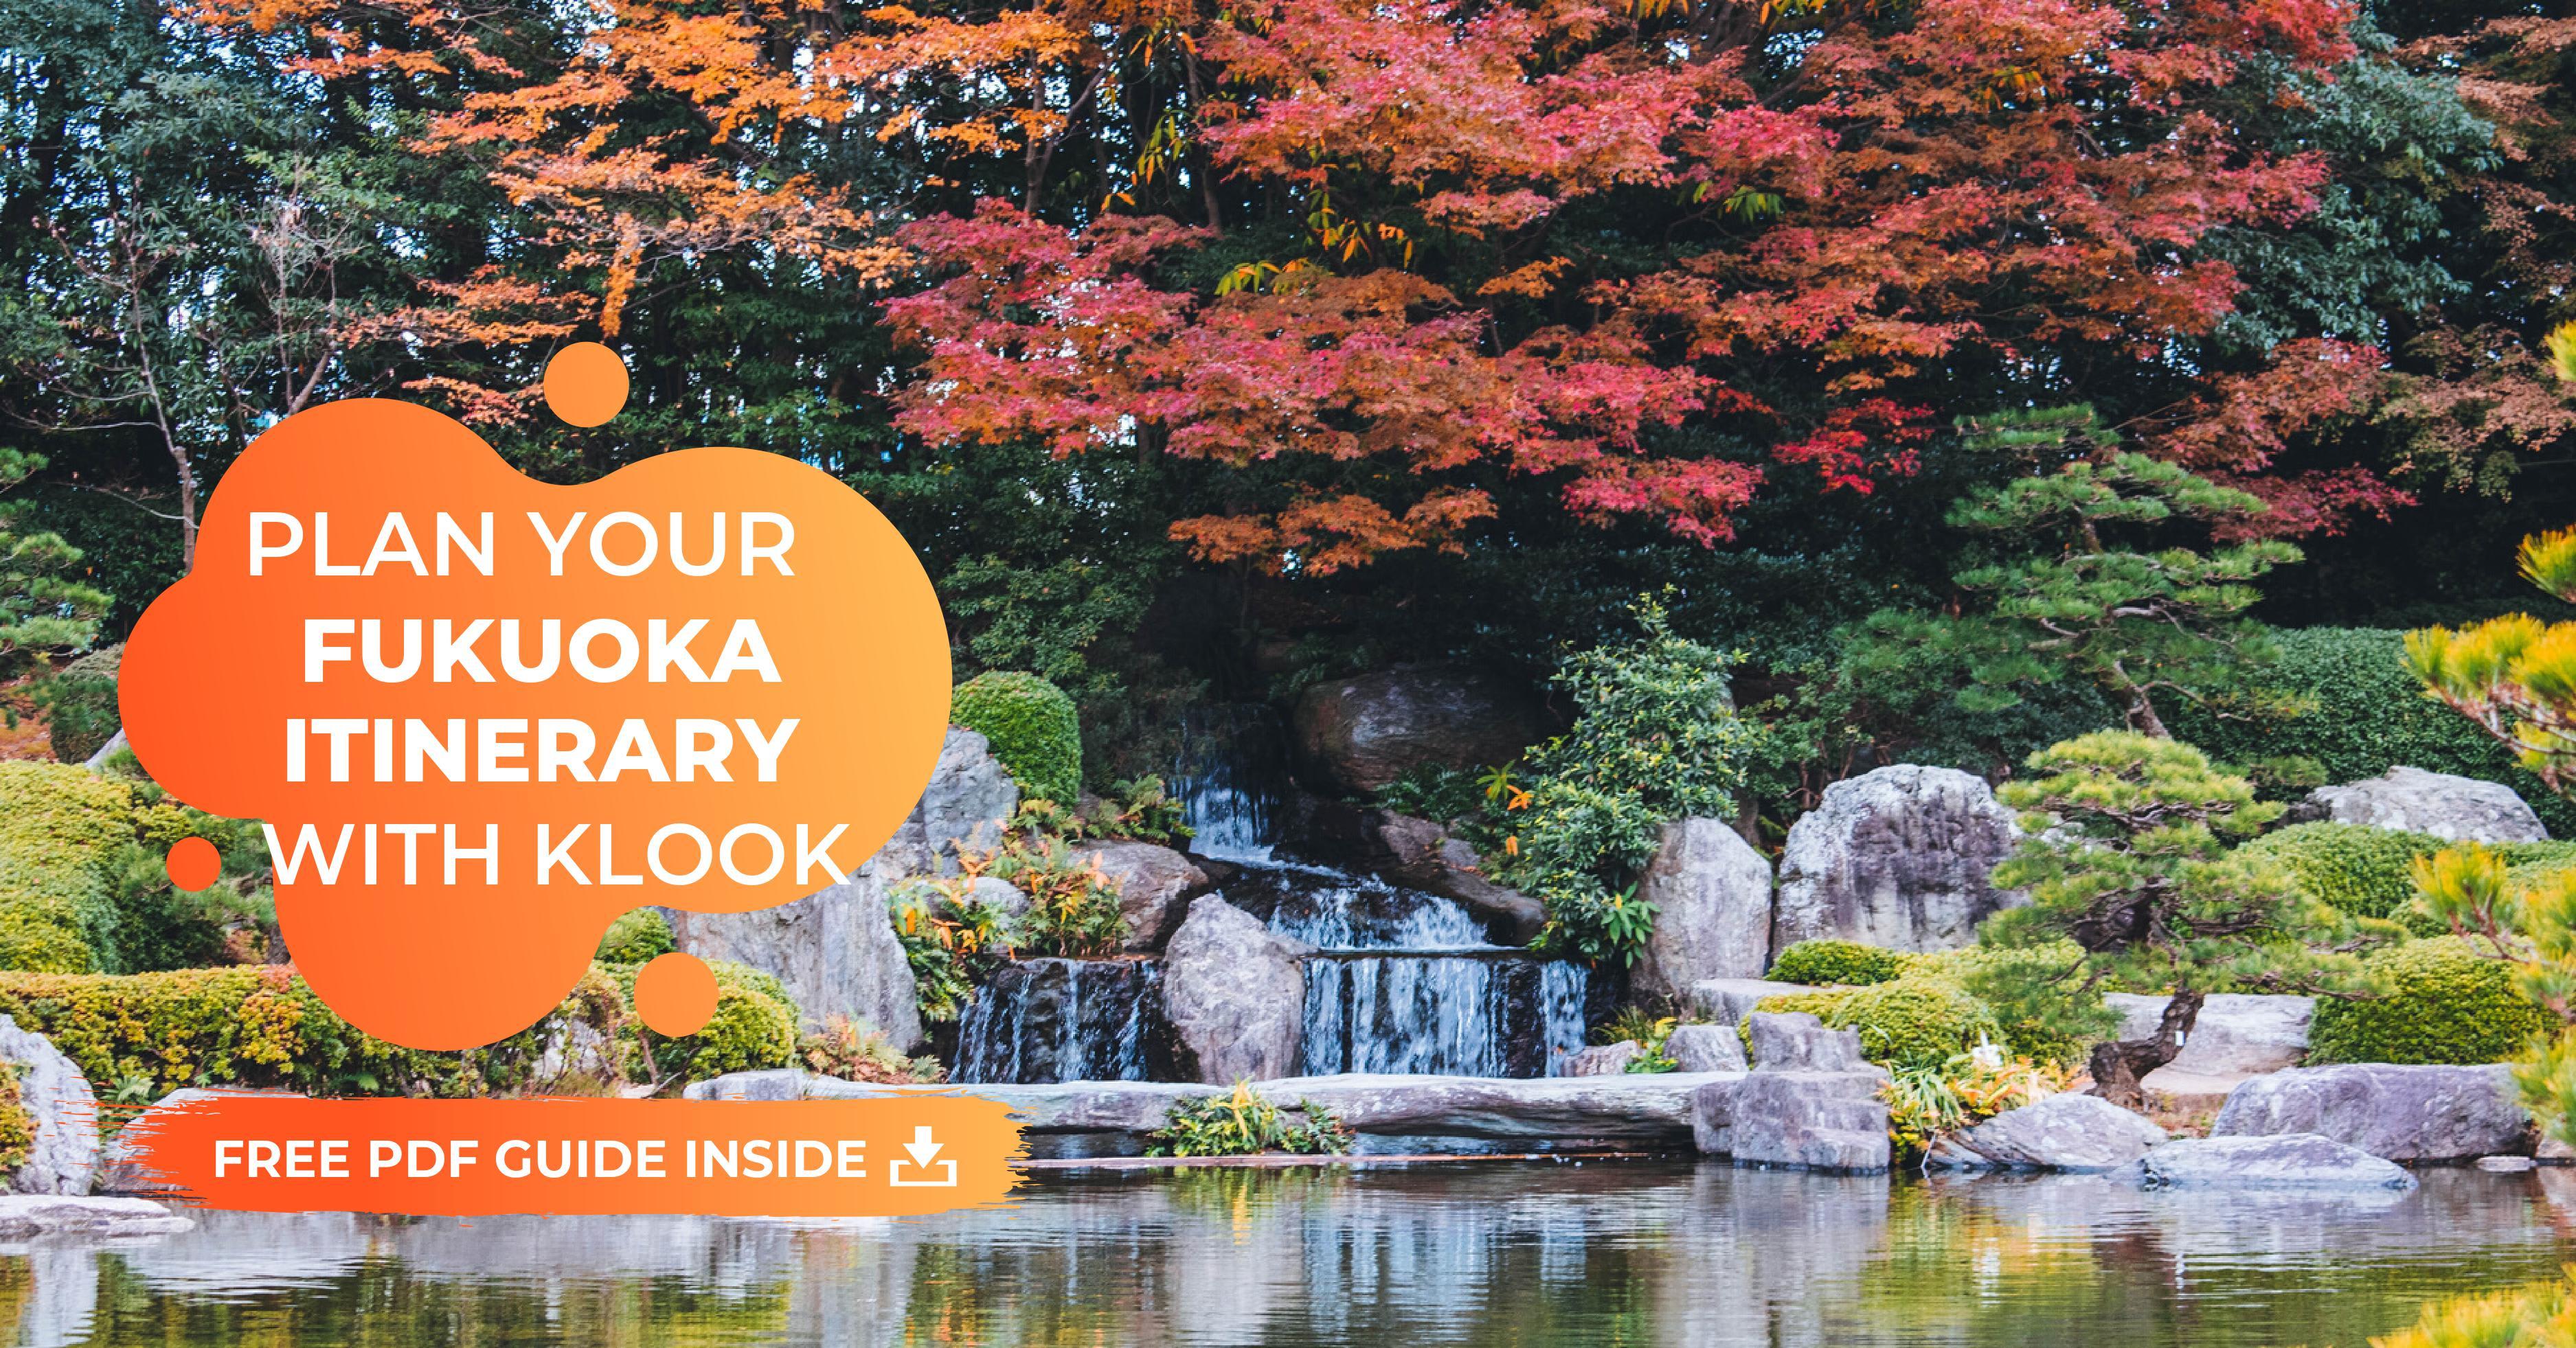 fukuoka itinerary pdf guide